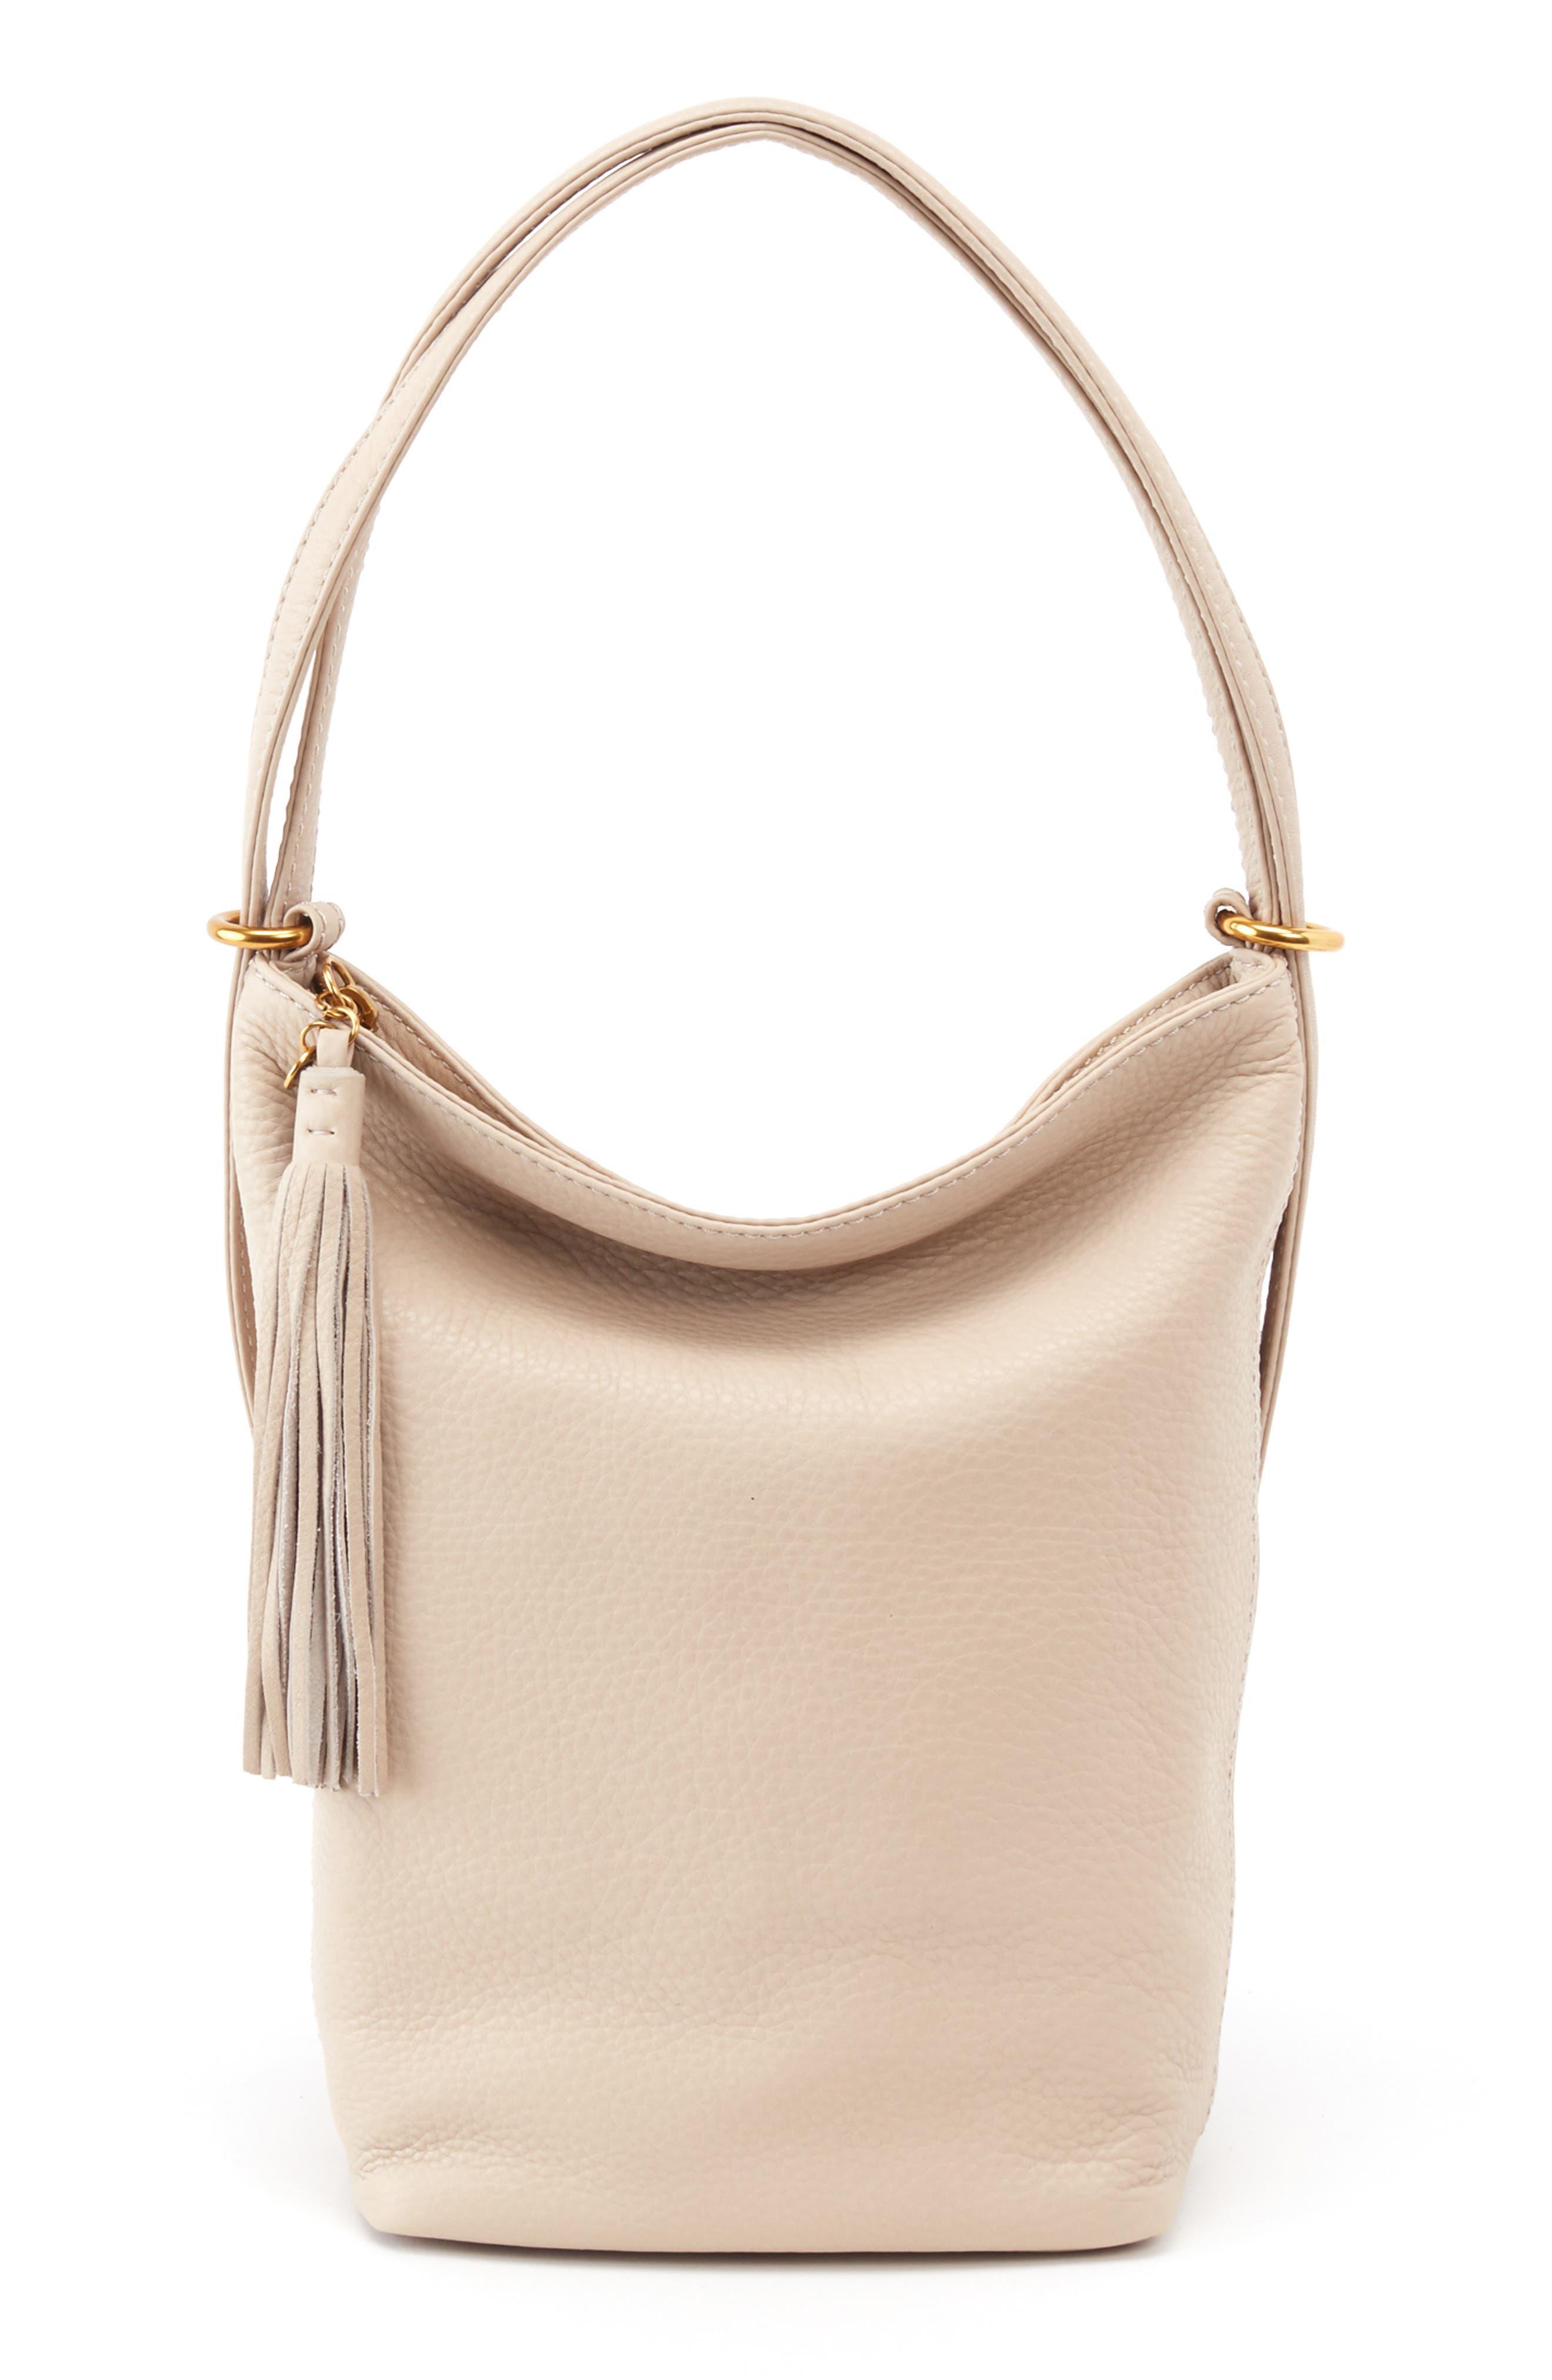 Bodhi Handbags Website